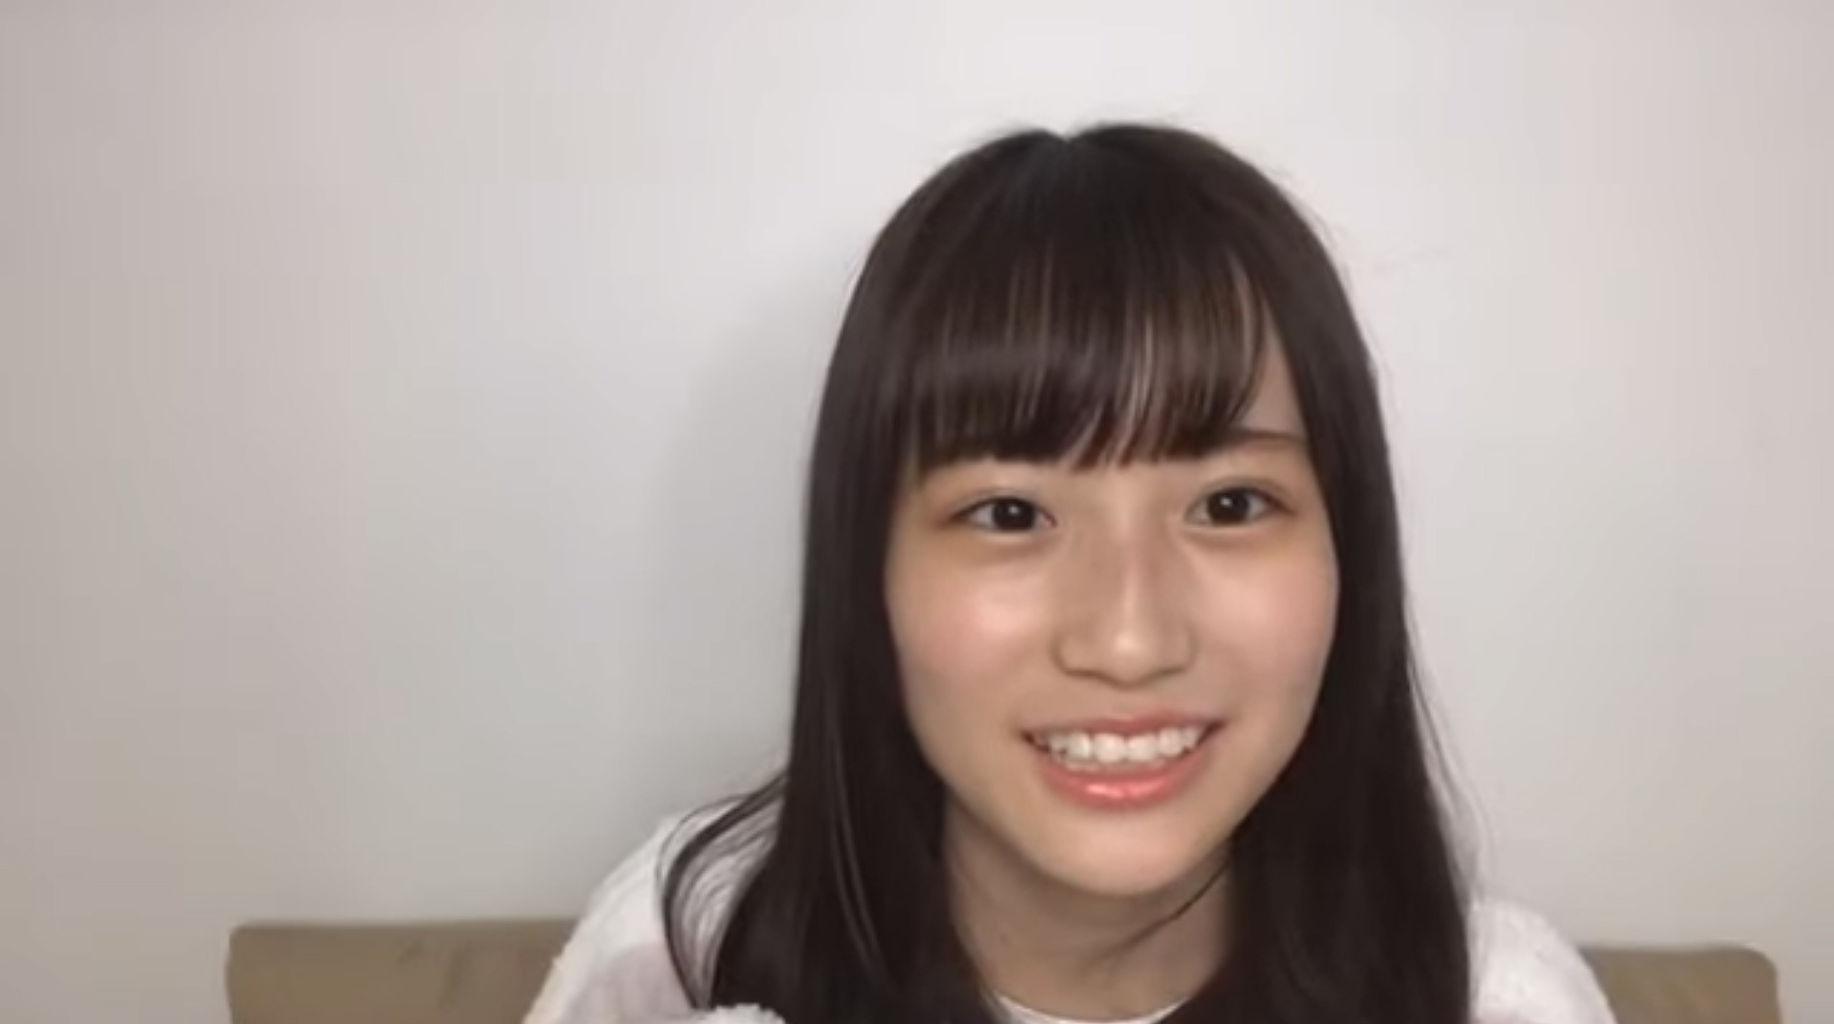 【のぎおび⊿】 掛橋沙耶香「ブログのコメントをいっぱいしてくれたら握手会で覚えれたりする」